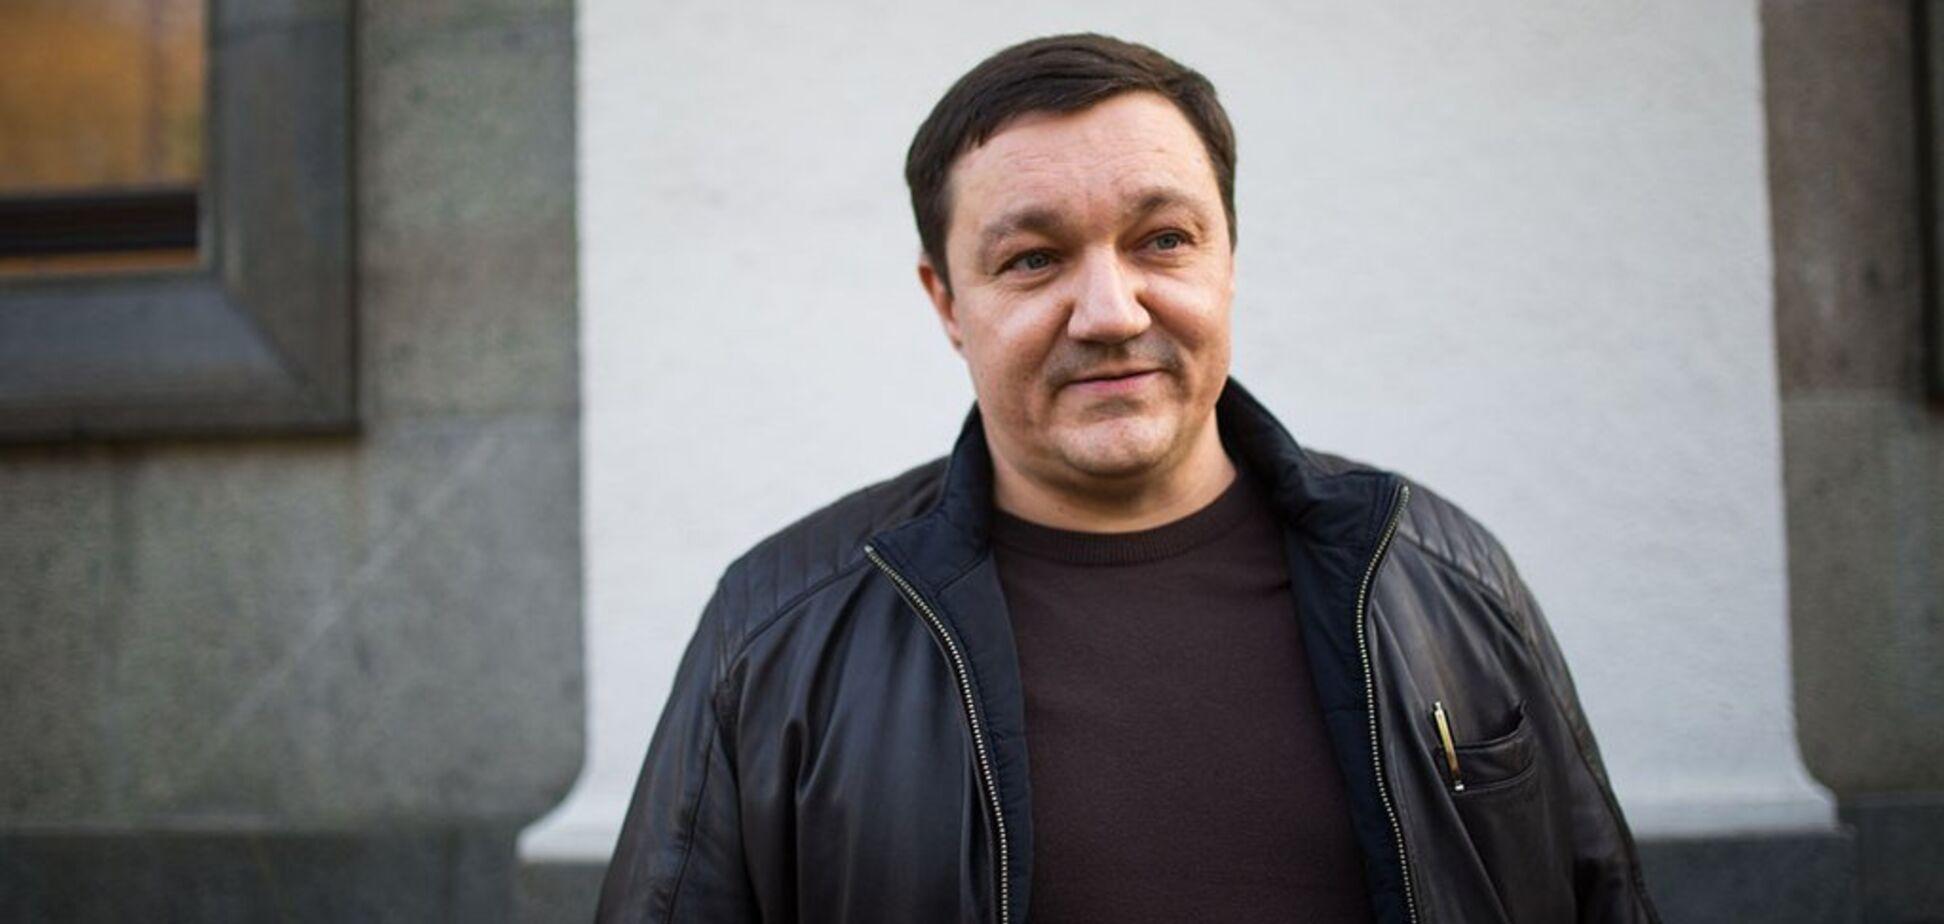 'Это убийство': генерал сделал заявление о смерти Тымчука